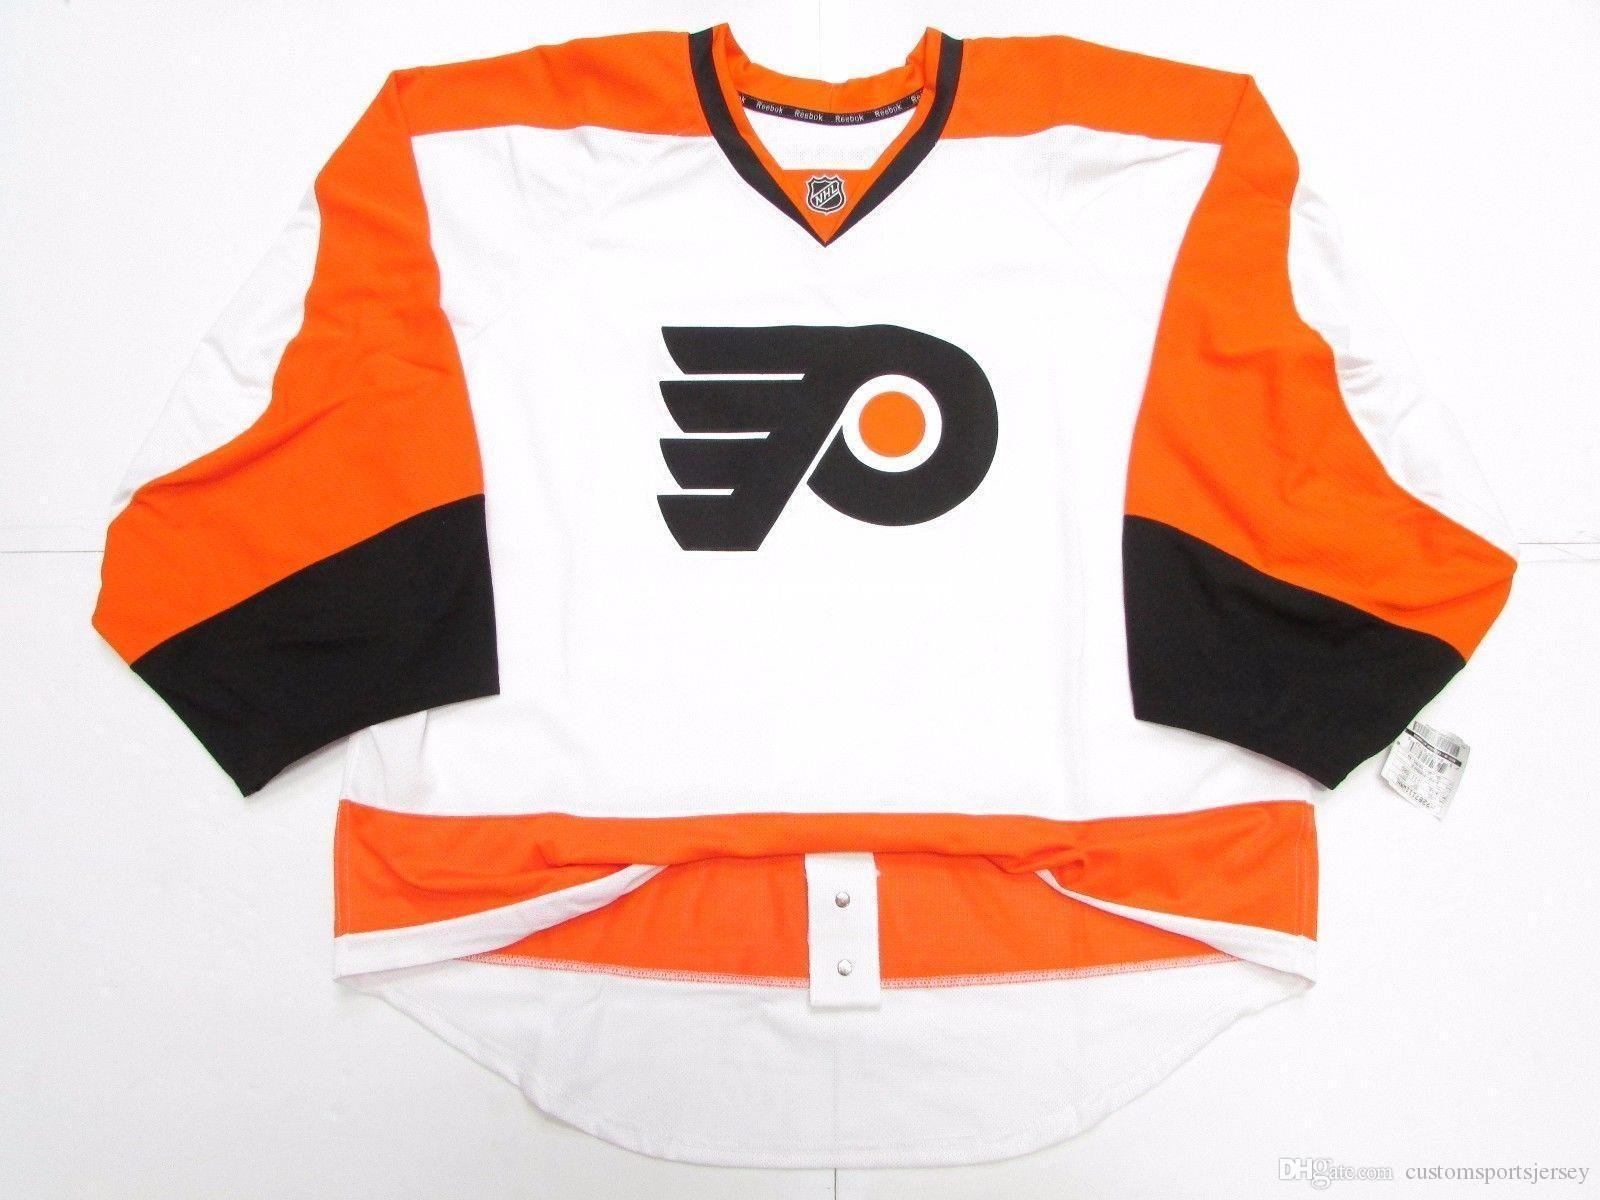 Günstige benutzerdefinierte Philadelphia Flyers JERSEY GOALIE wegschneiden 58 Stich eine beliebige Anzahl beliebigen Namen der Männer Hockey Jersey hinzufügen